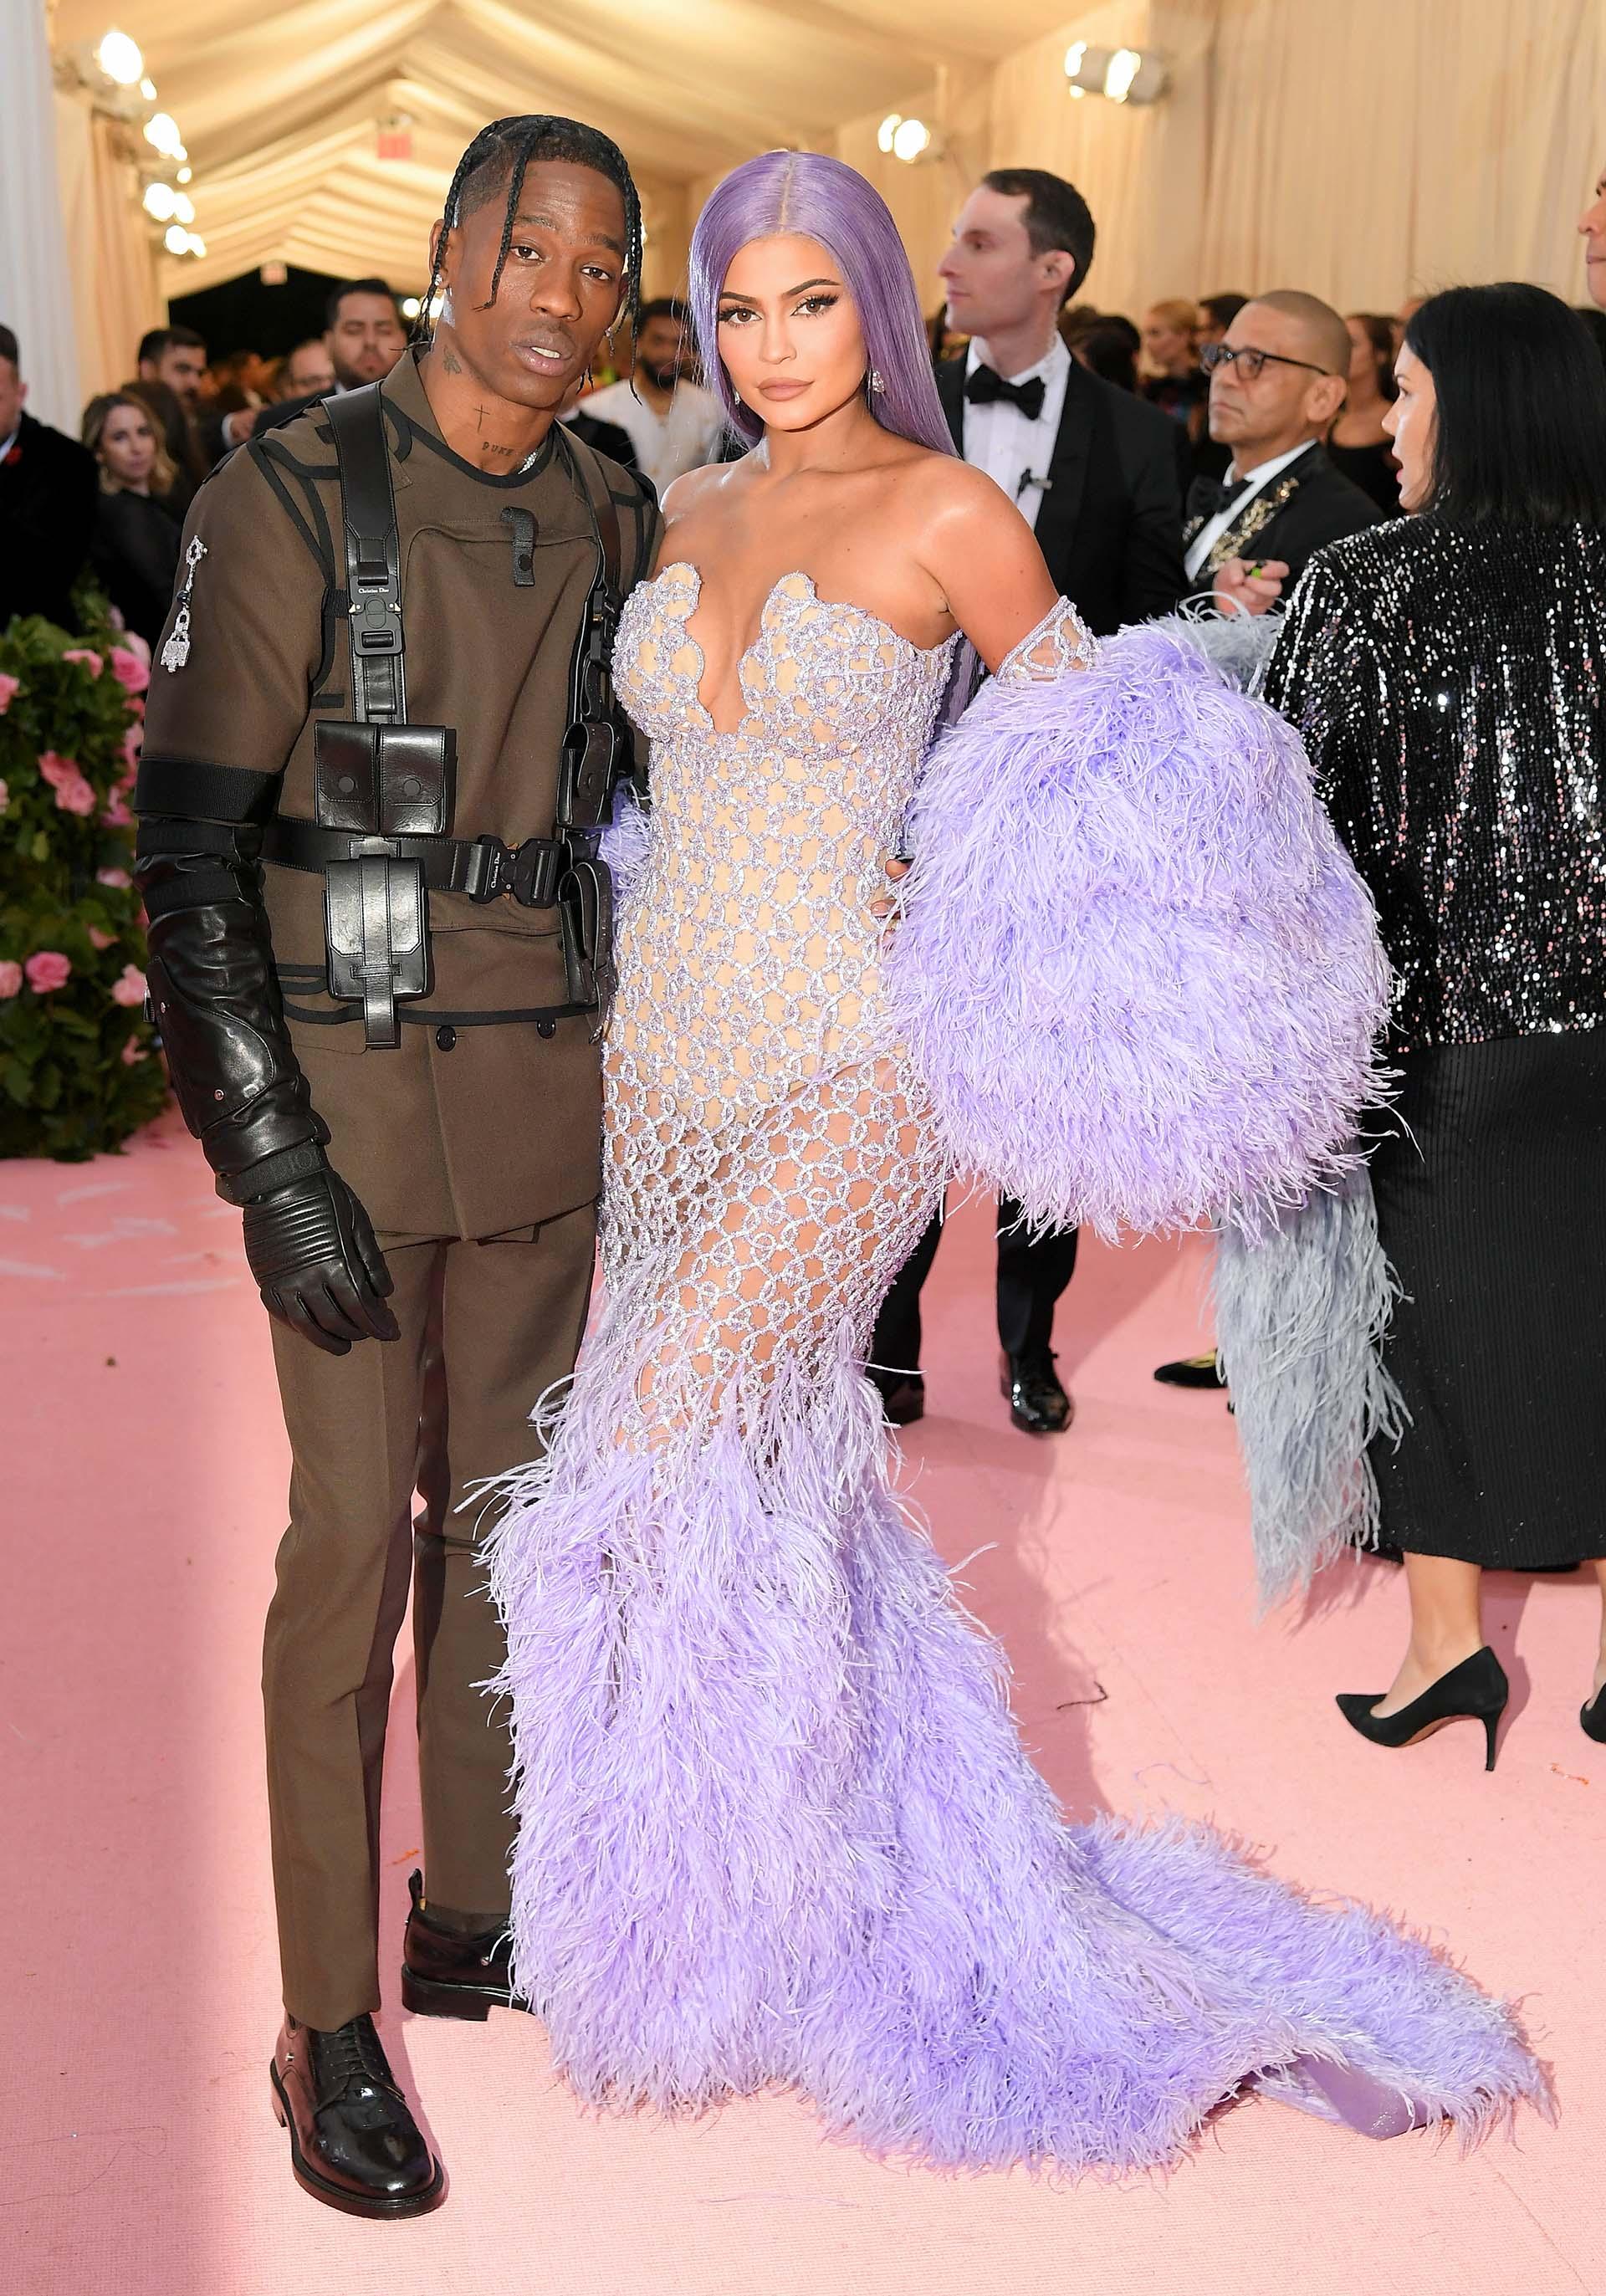 Travis Scott, incluso9 al lado de Kylie Jenner, no pasó desapercibido con su outfit creado por Dior